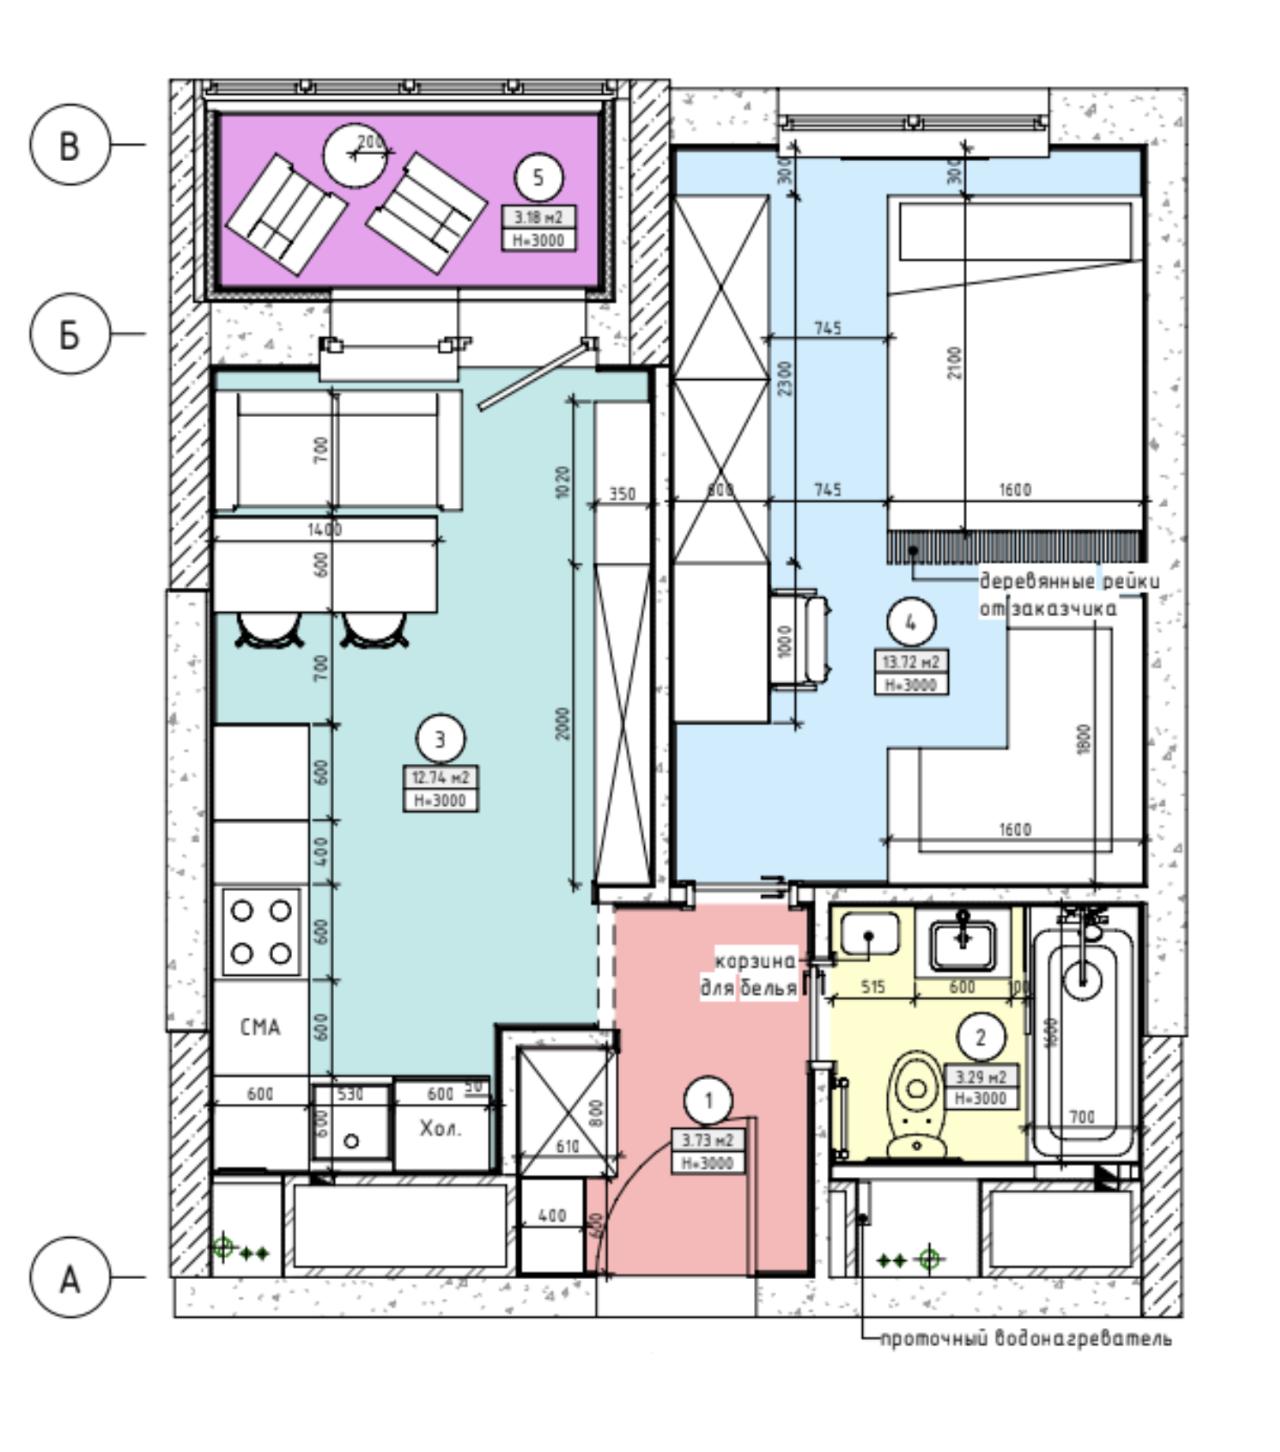 Так выглядела наша квартира наплане, который составила дизайнер. Кухня обозначена бирюзовым цветом